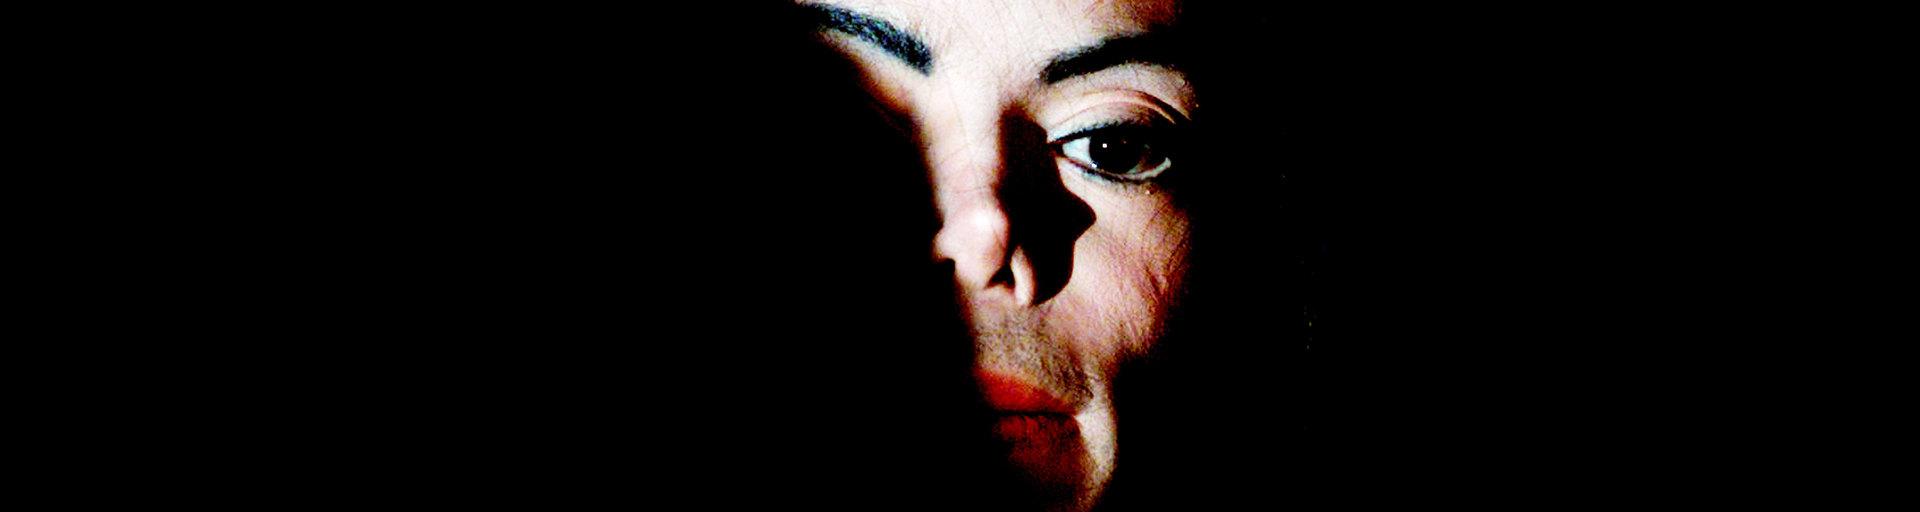 «Покидая Неверленд»: несколько слов взащиту фильма отпоклонника Майкла Джексона